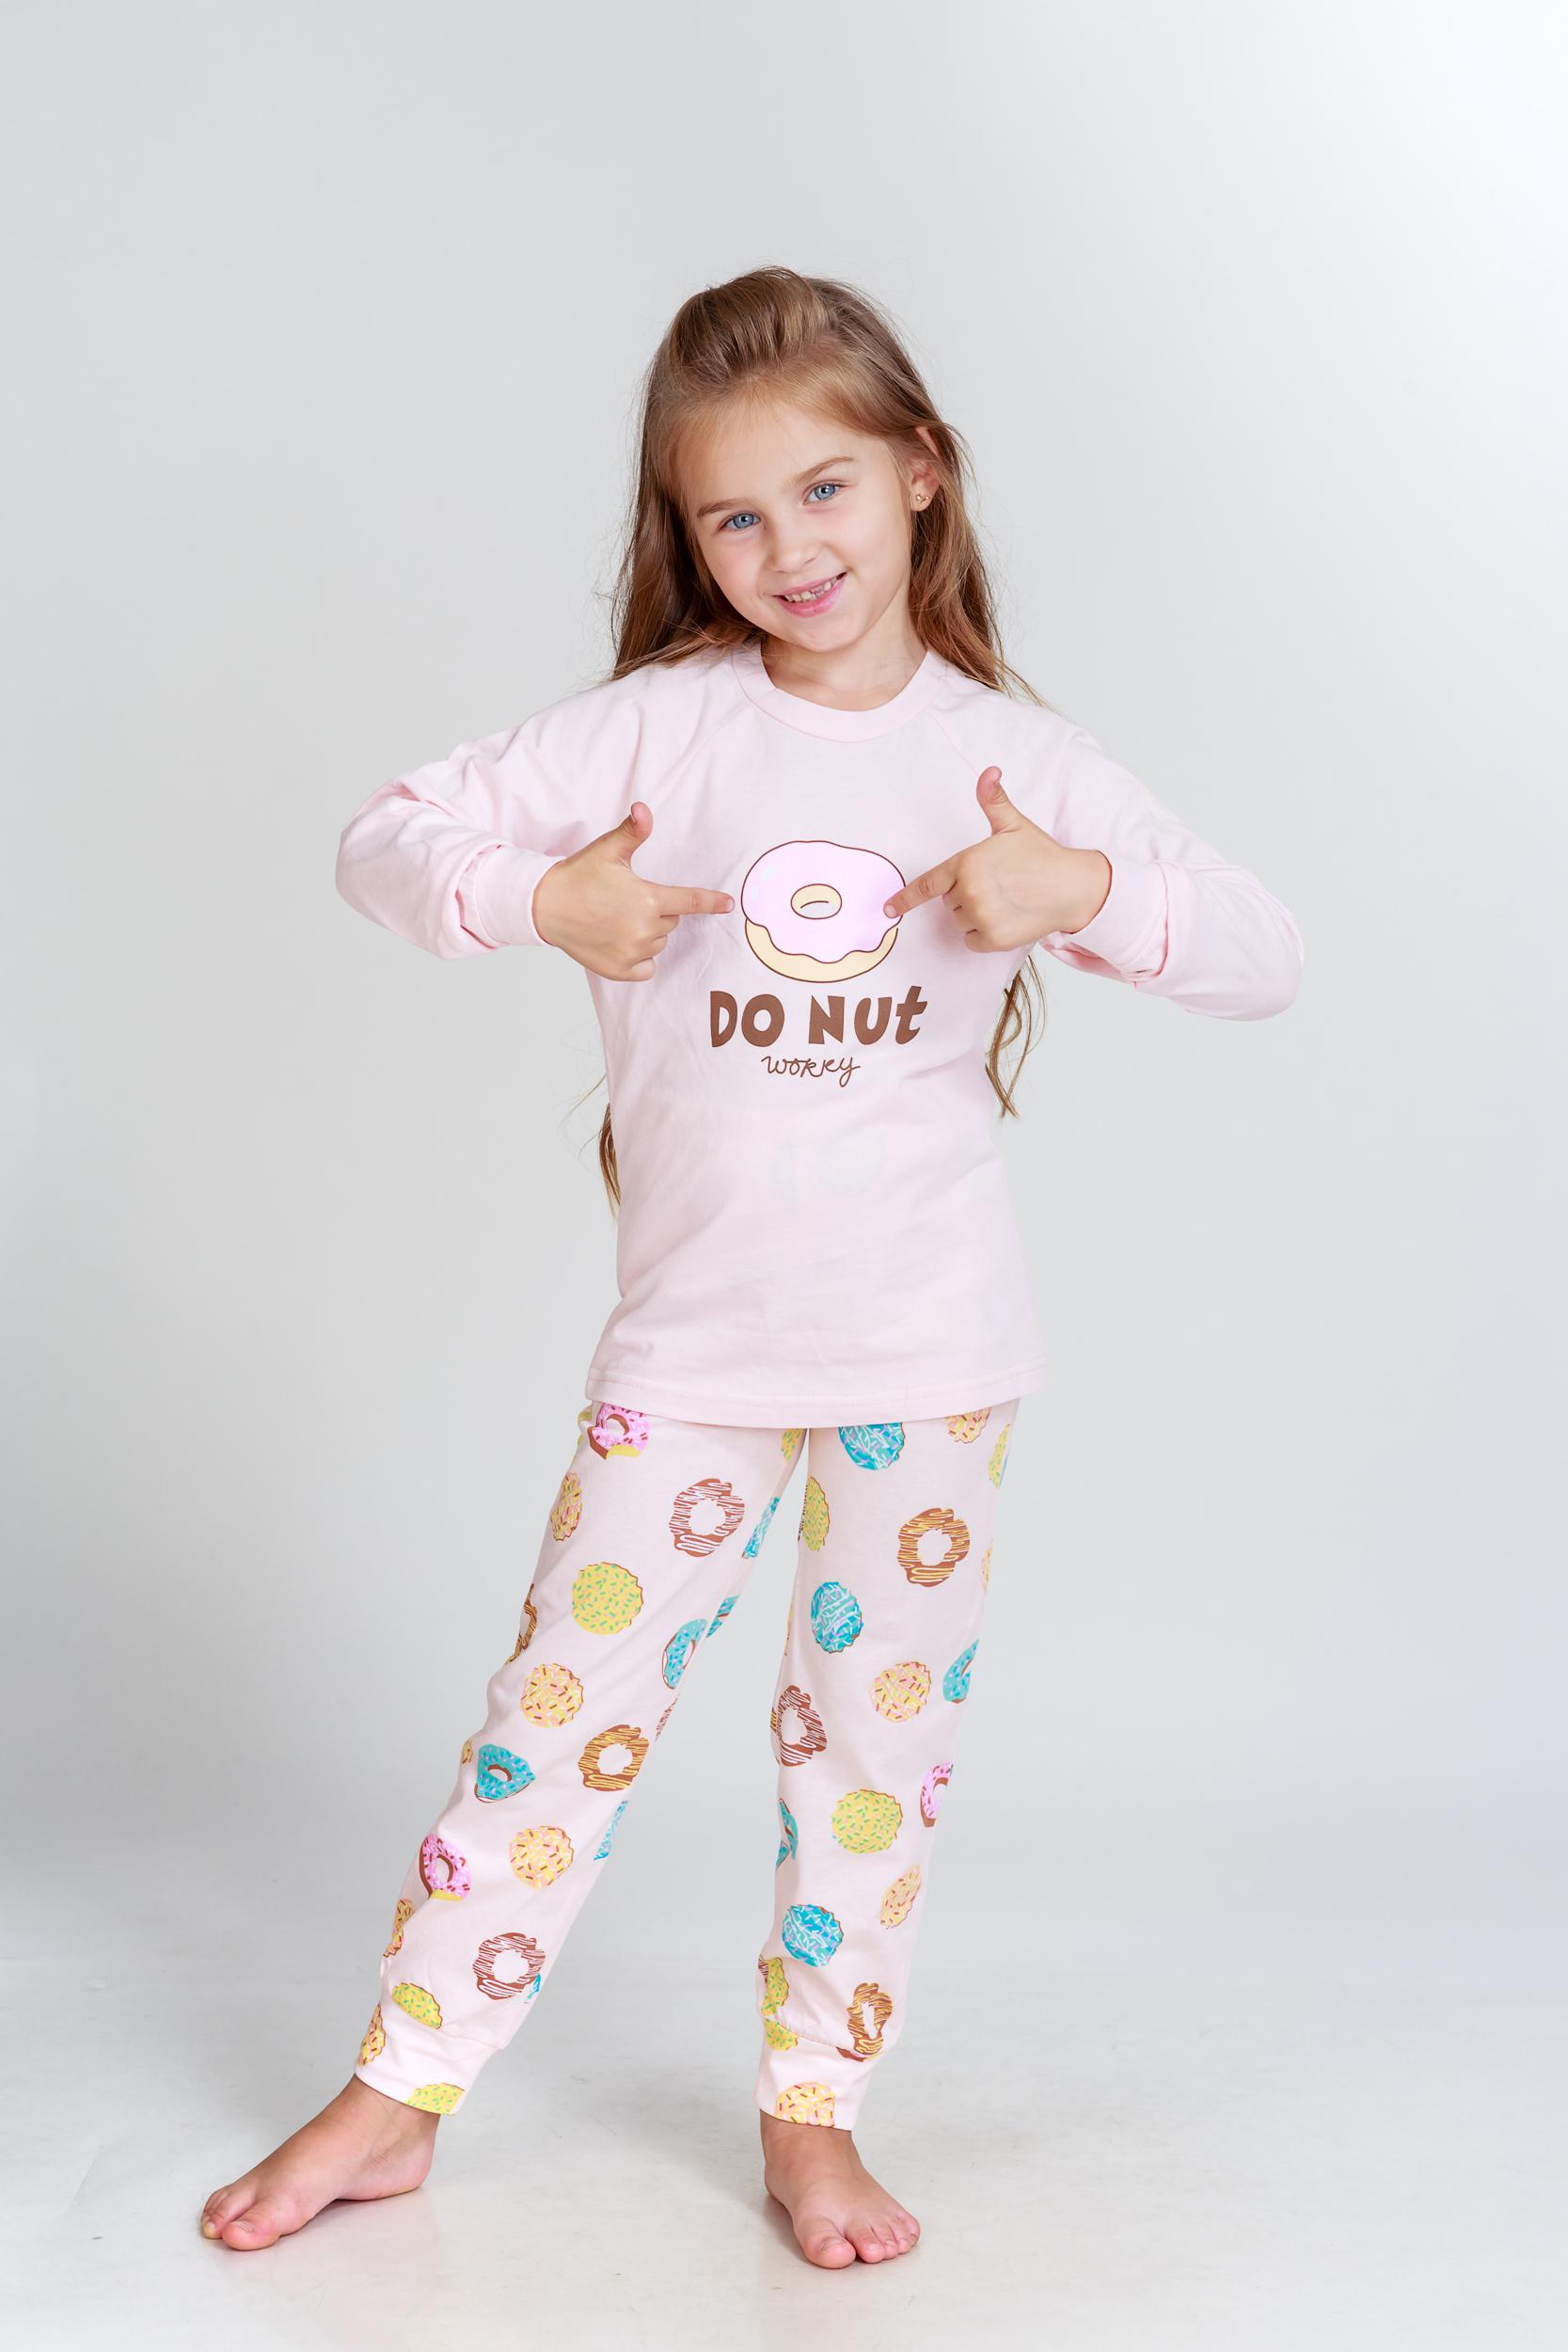 Детские пижамы Pastilla Детская пижама Лакомка Цвет: Пудровый (6-7 лет) детские пижамы pastilla детская пижама радуга цвет розовый 6 лет